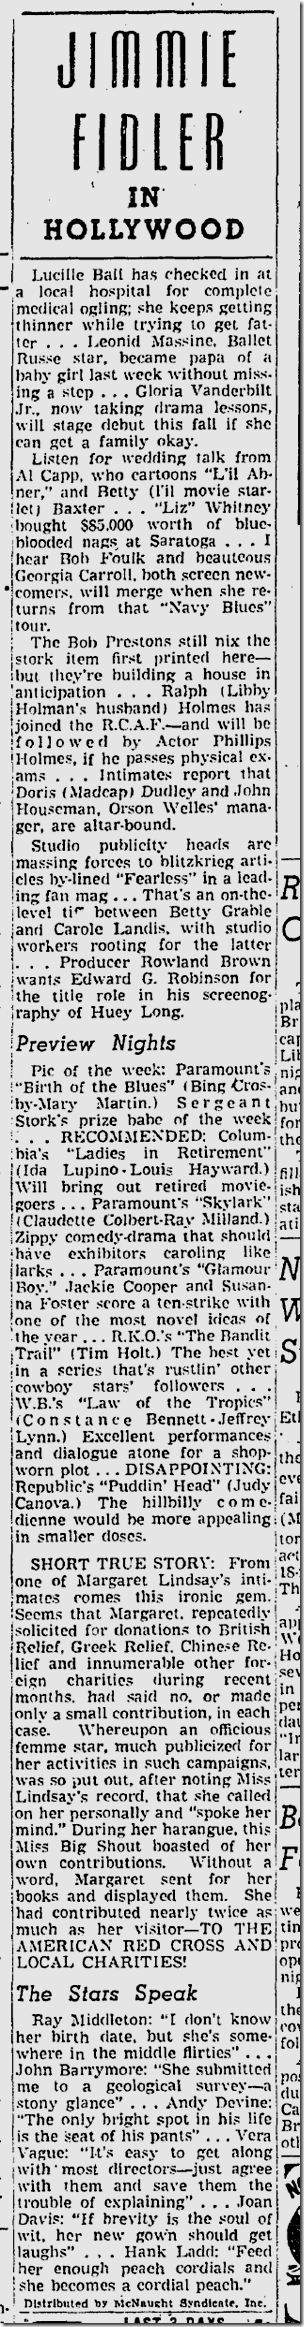 Sept. 9, 1941, Jimmie Fidler